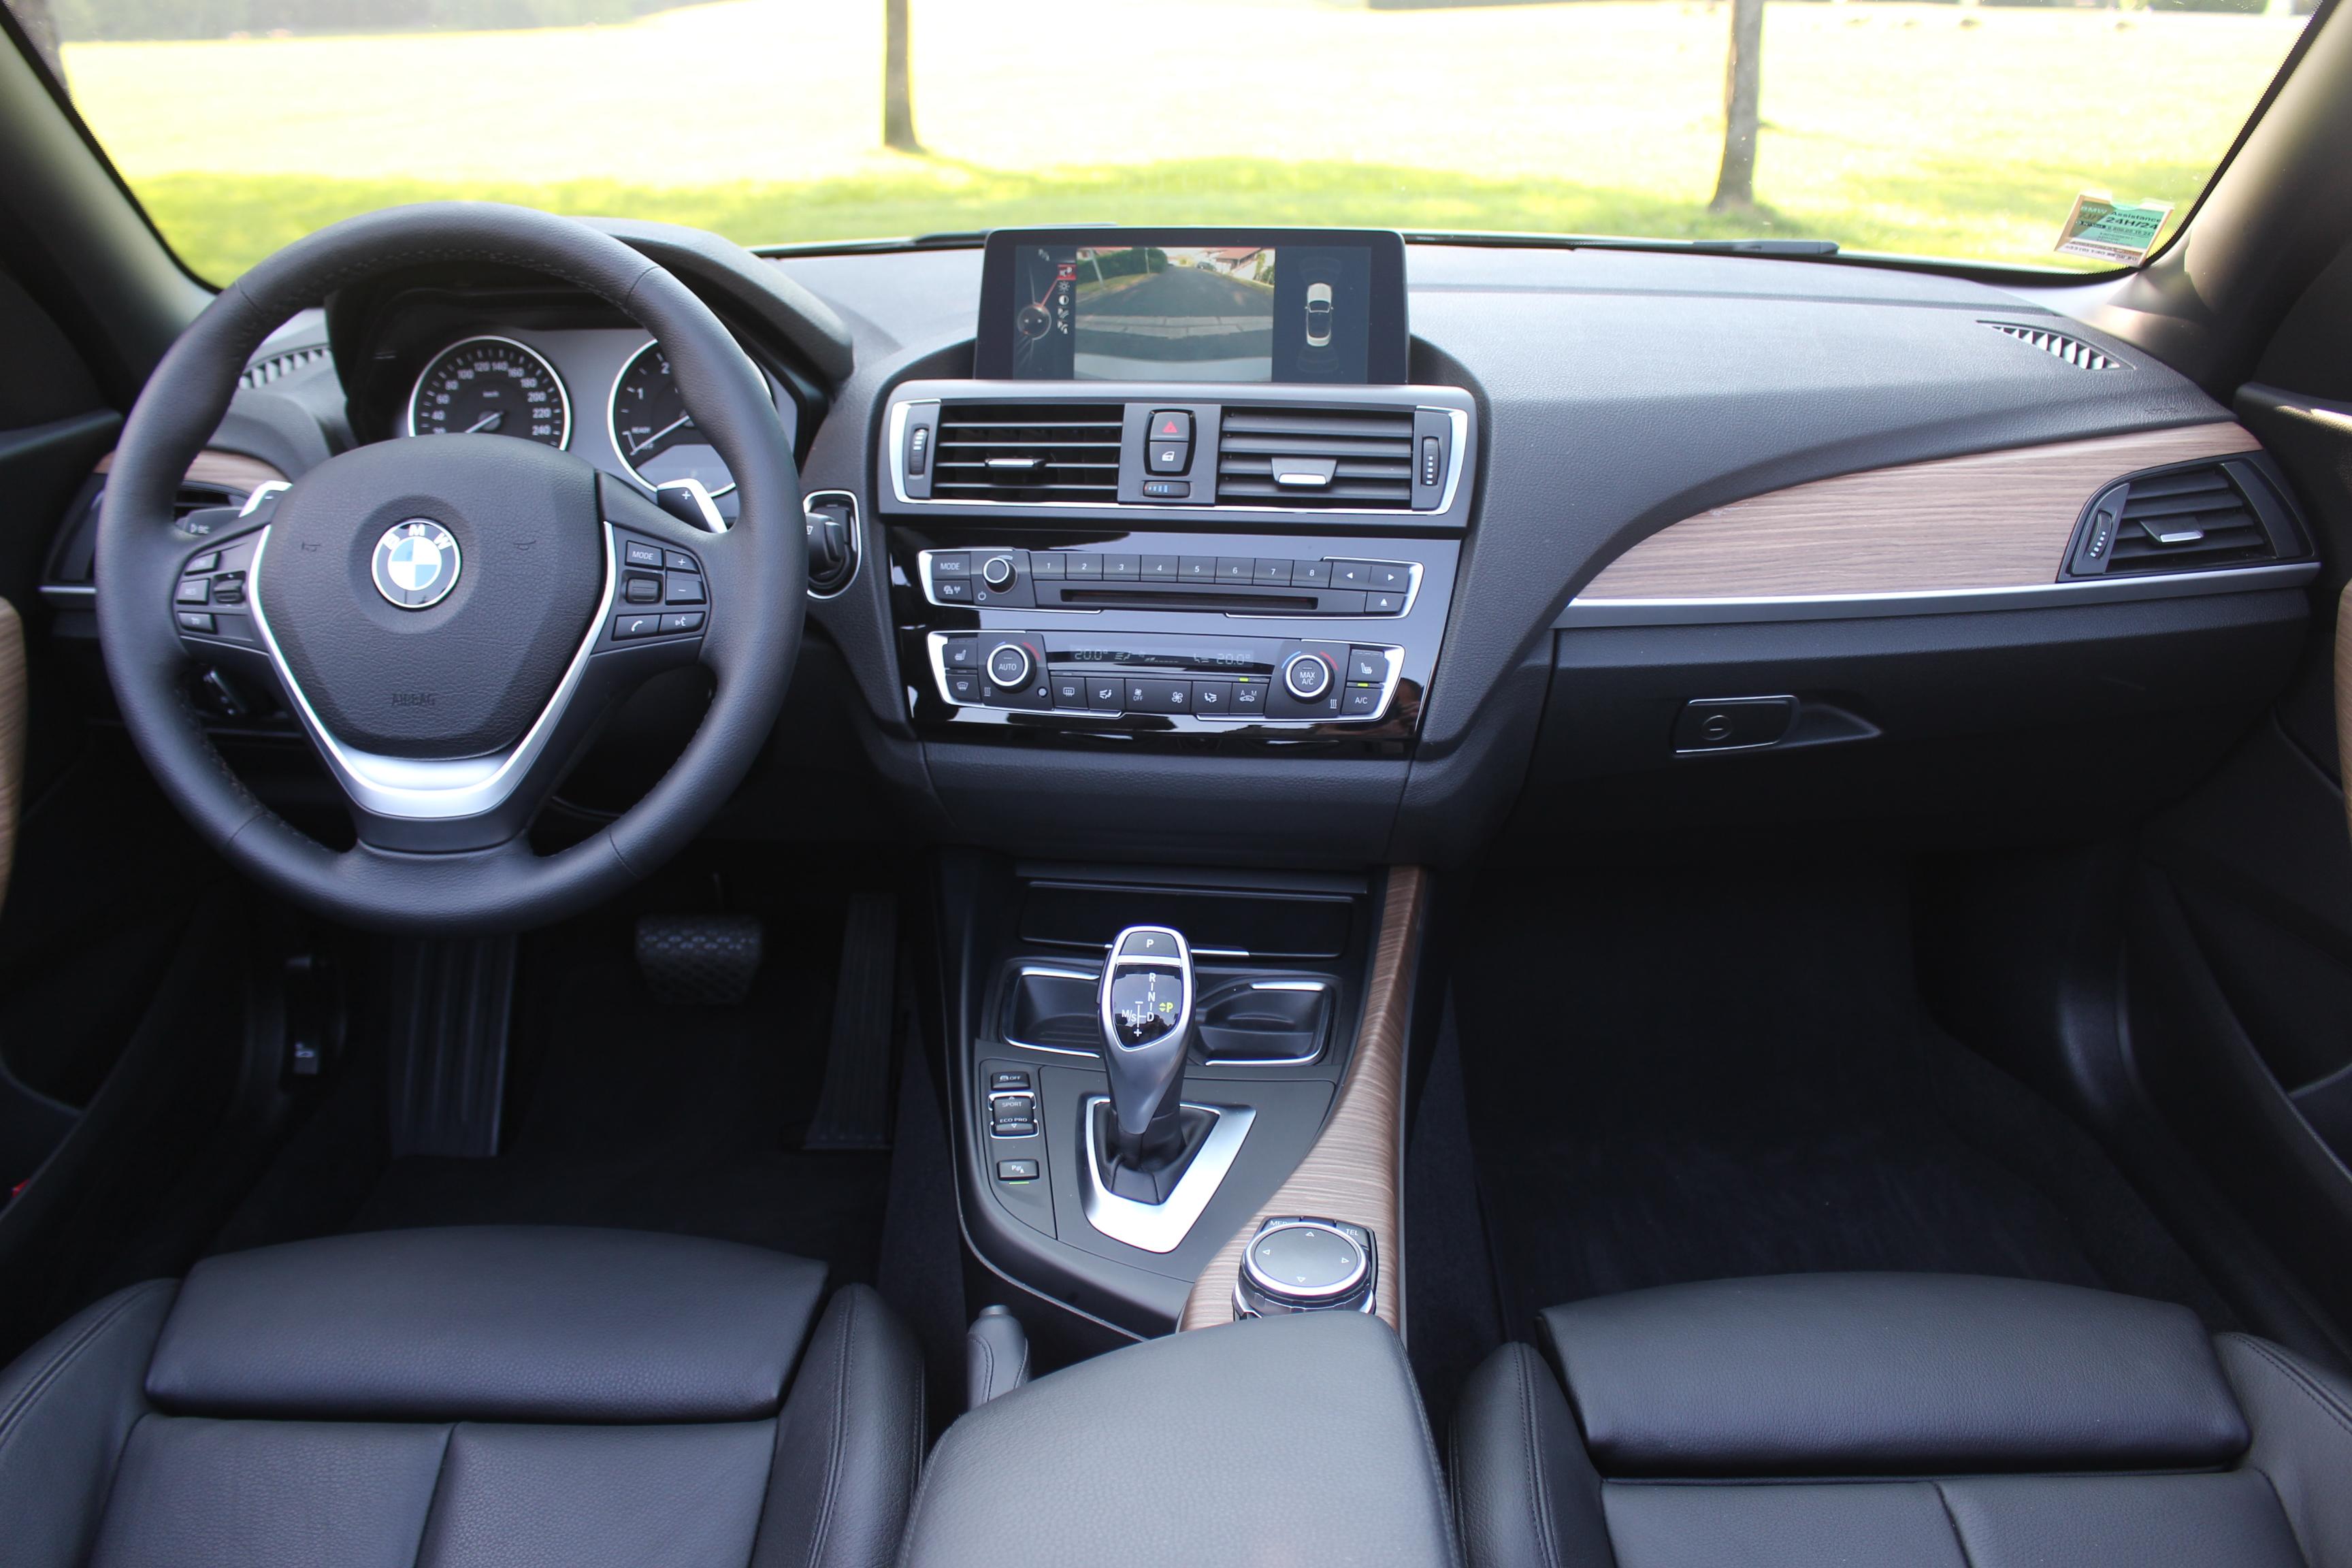 A3 Vs Serie 1 >> Comparatif vidéo - Audi A3 cabriolet vs BMW Série 2 cabriolet : duel au soleil